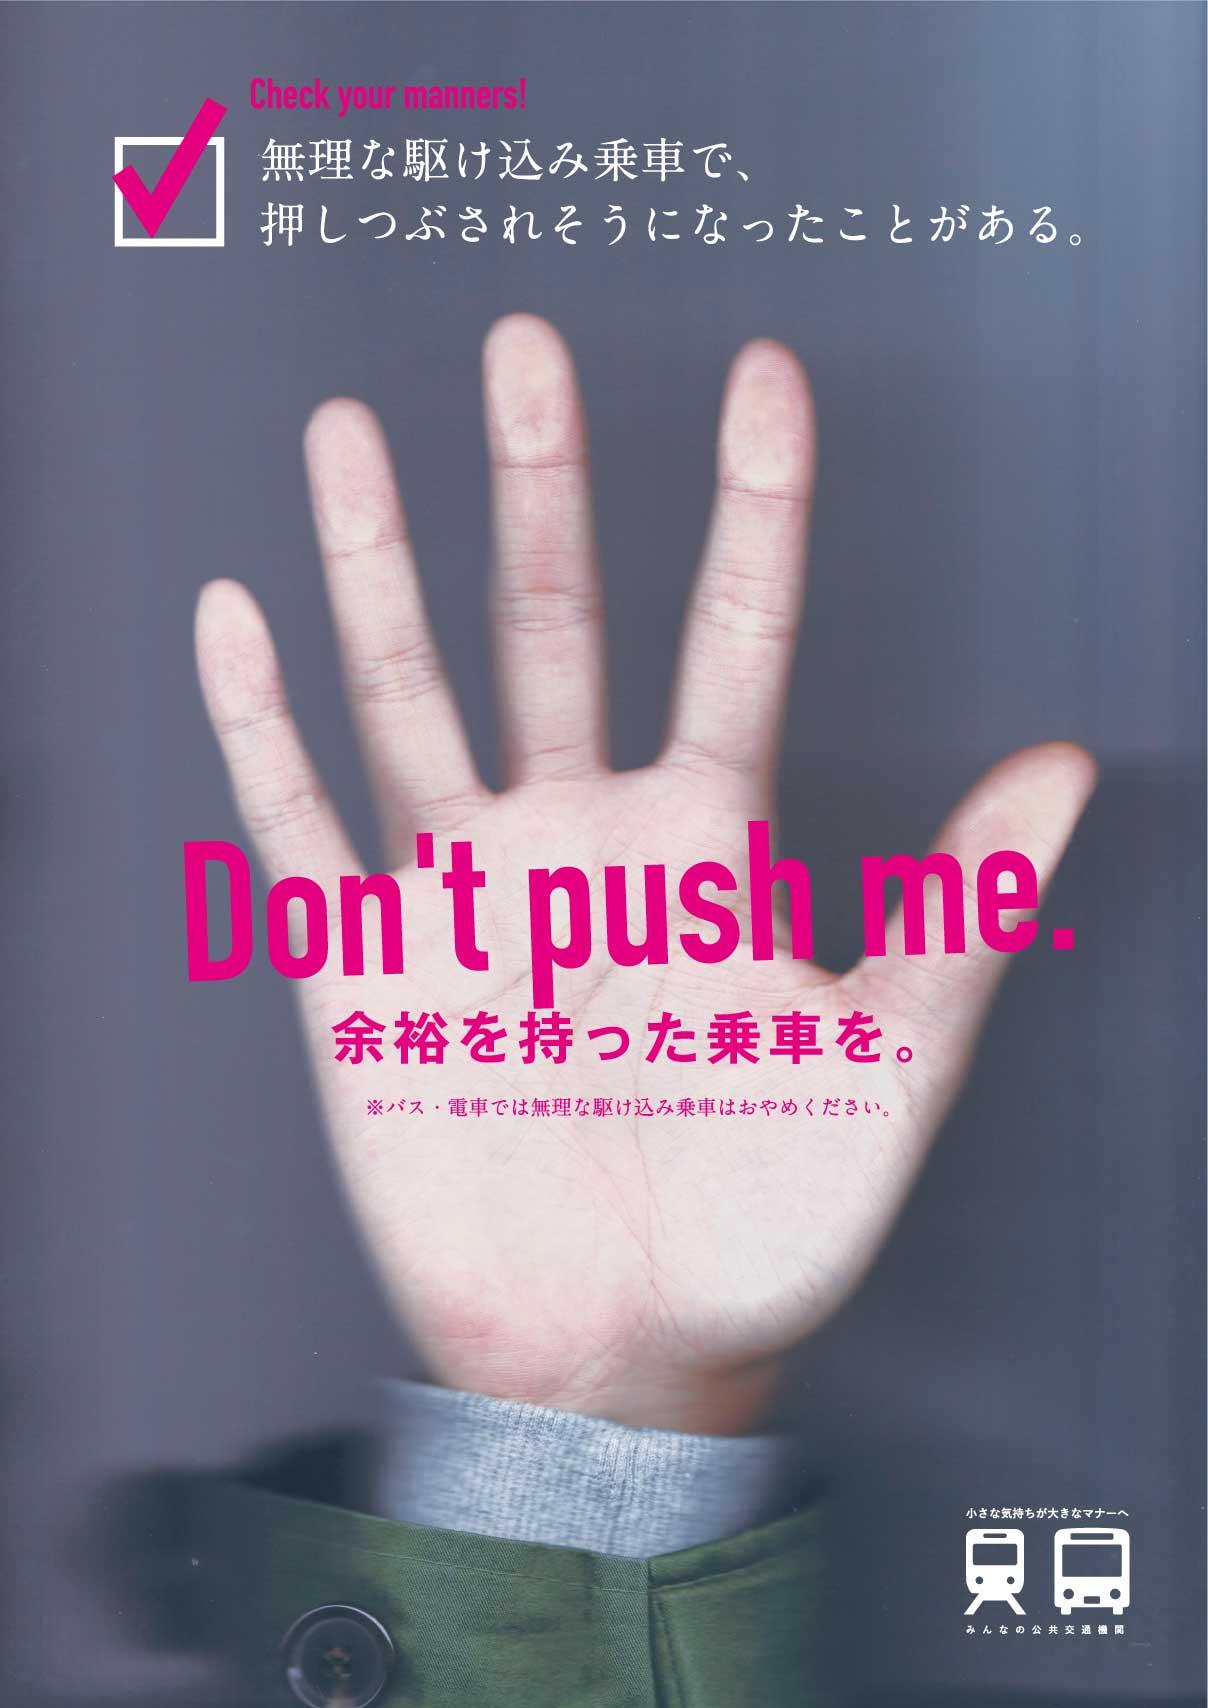 ポスター最優秀野村「Don't push me」.jpg